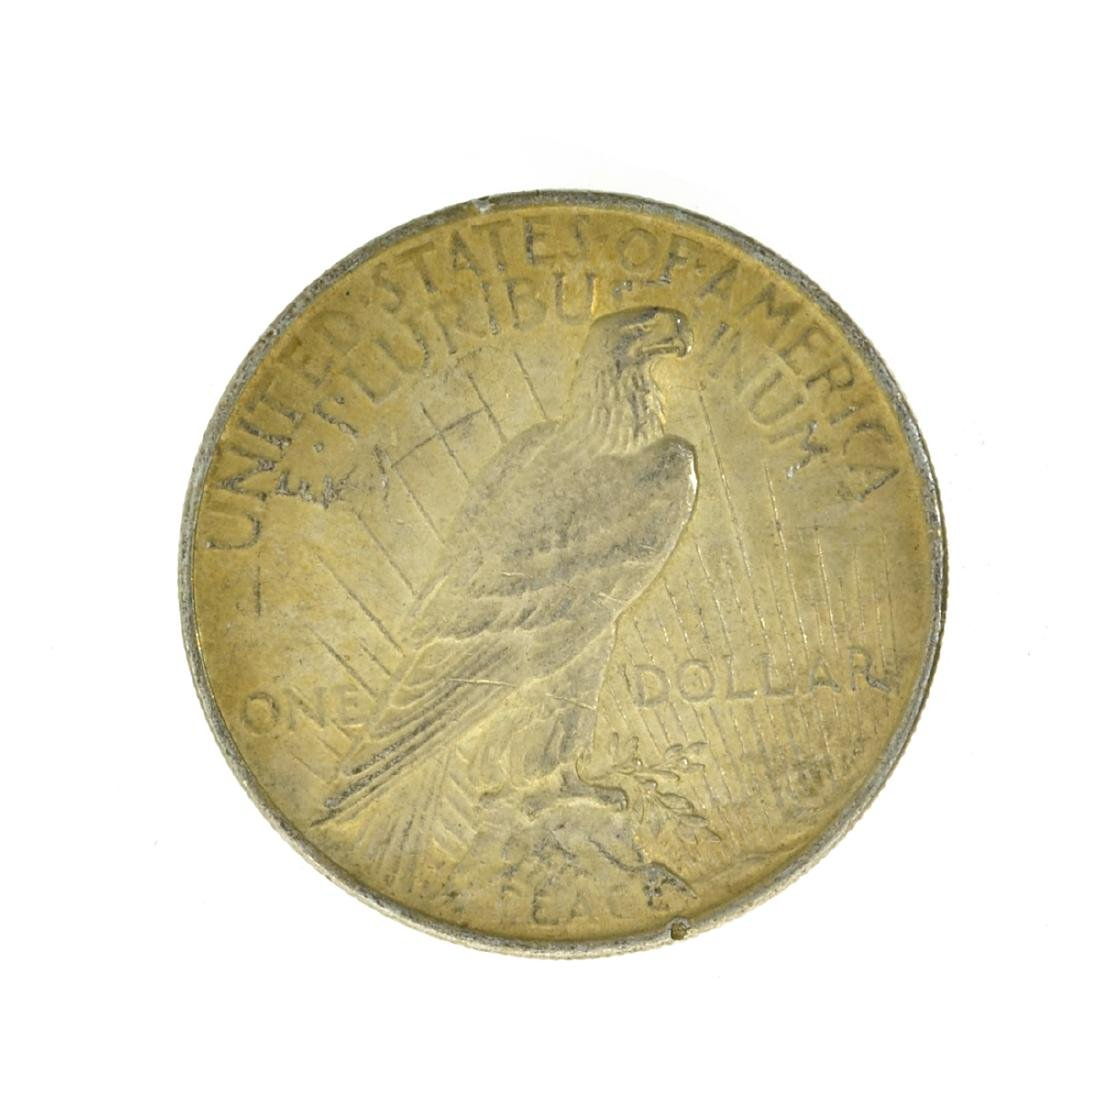 1923 Peace Silver Dollar Coin - 2